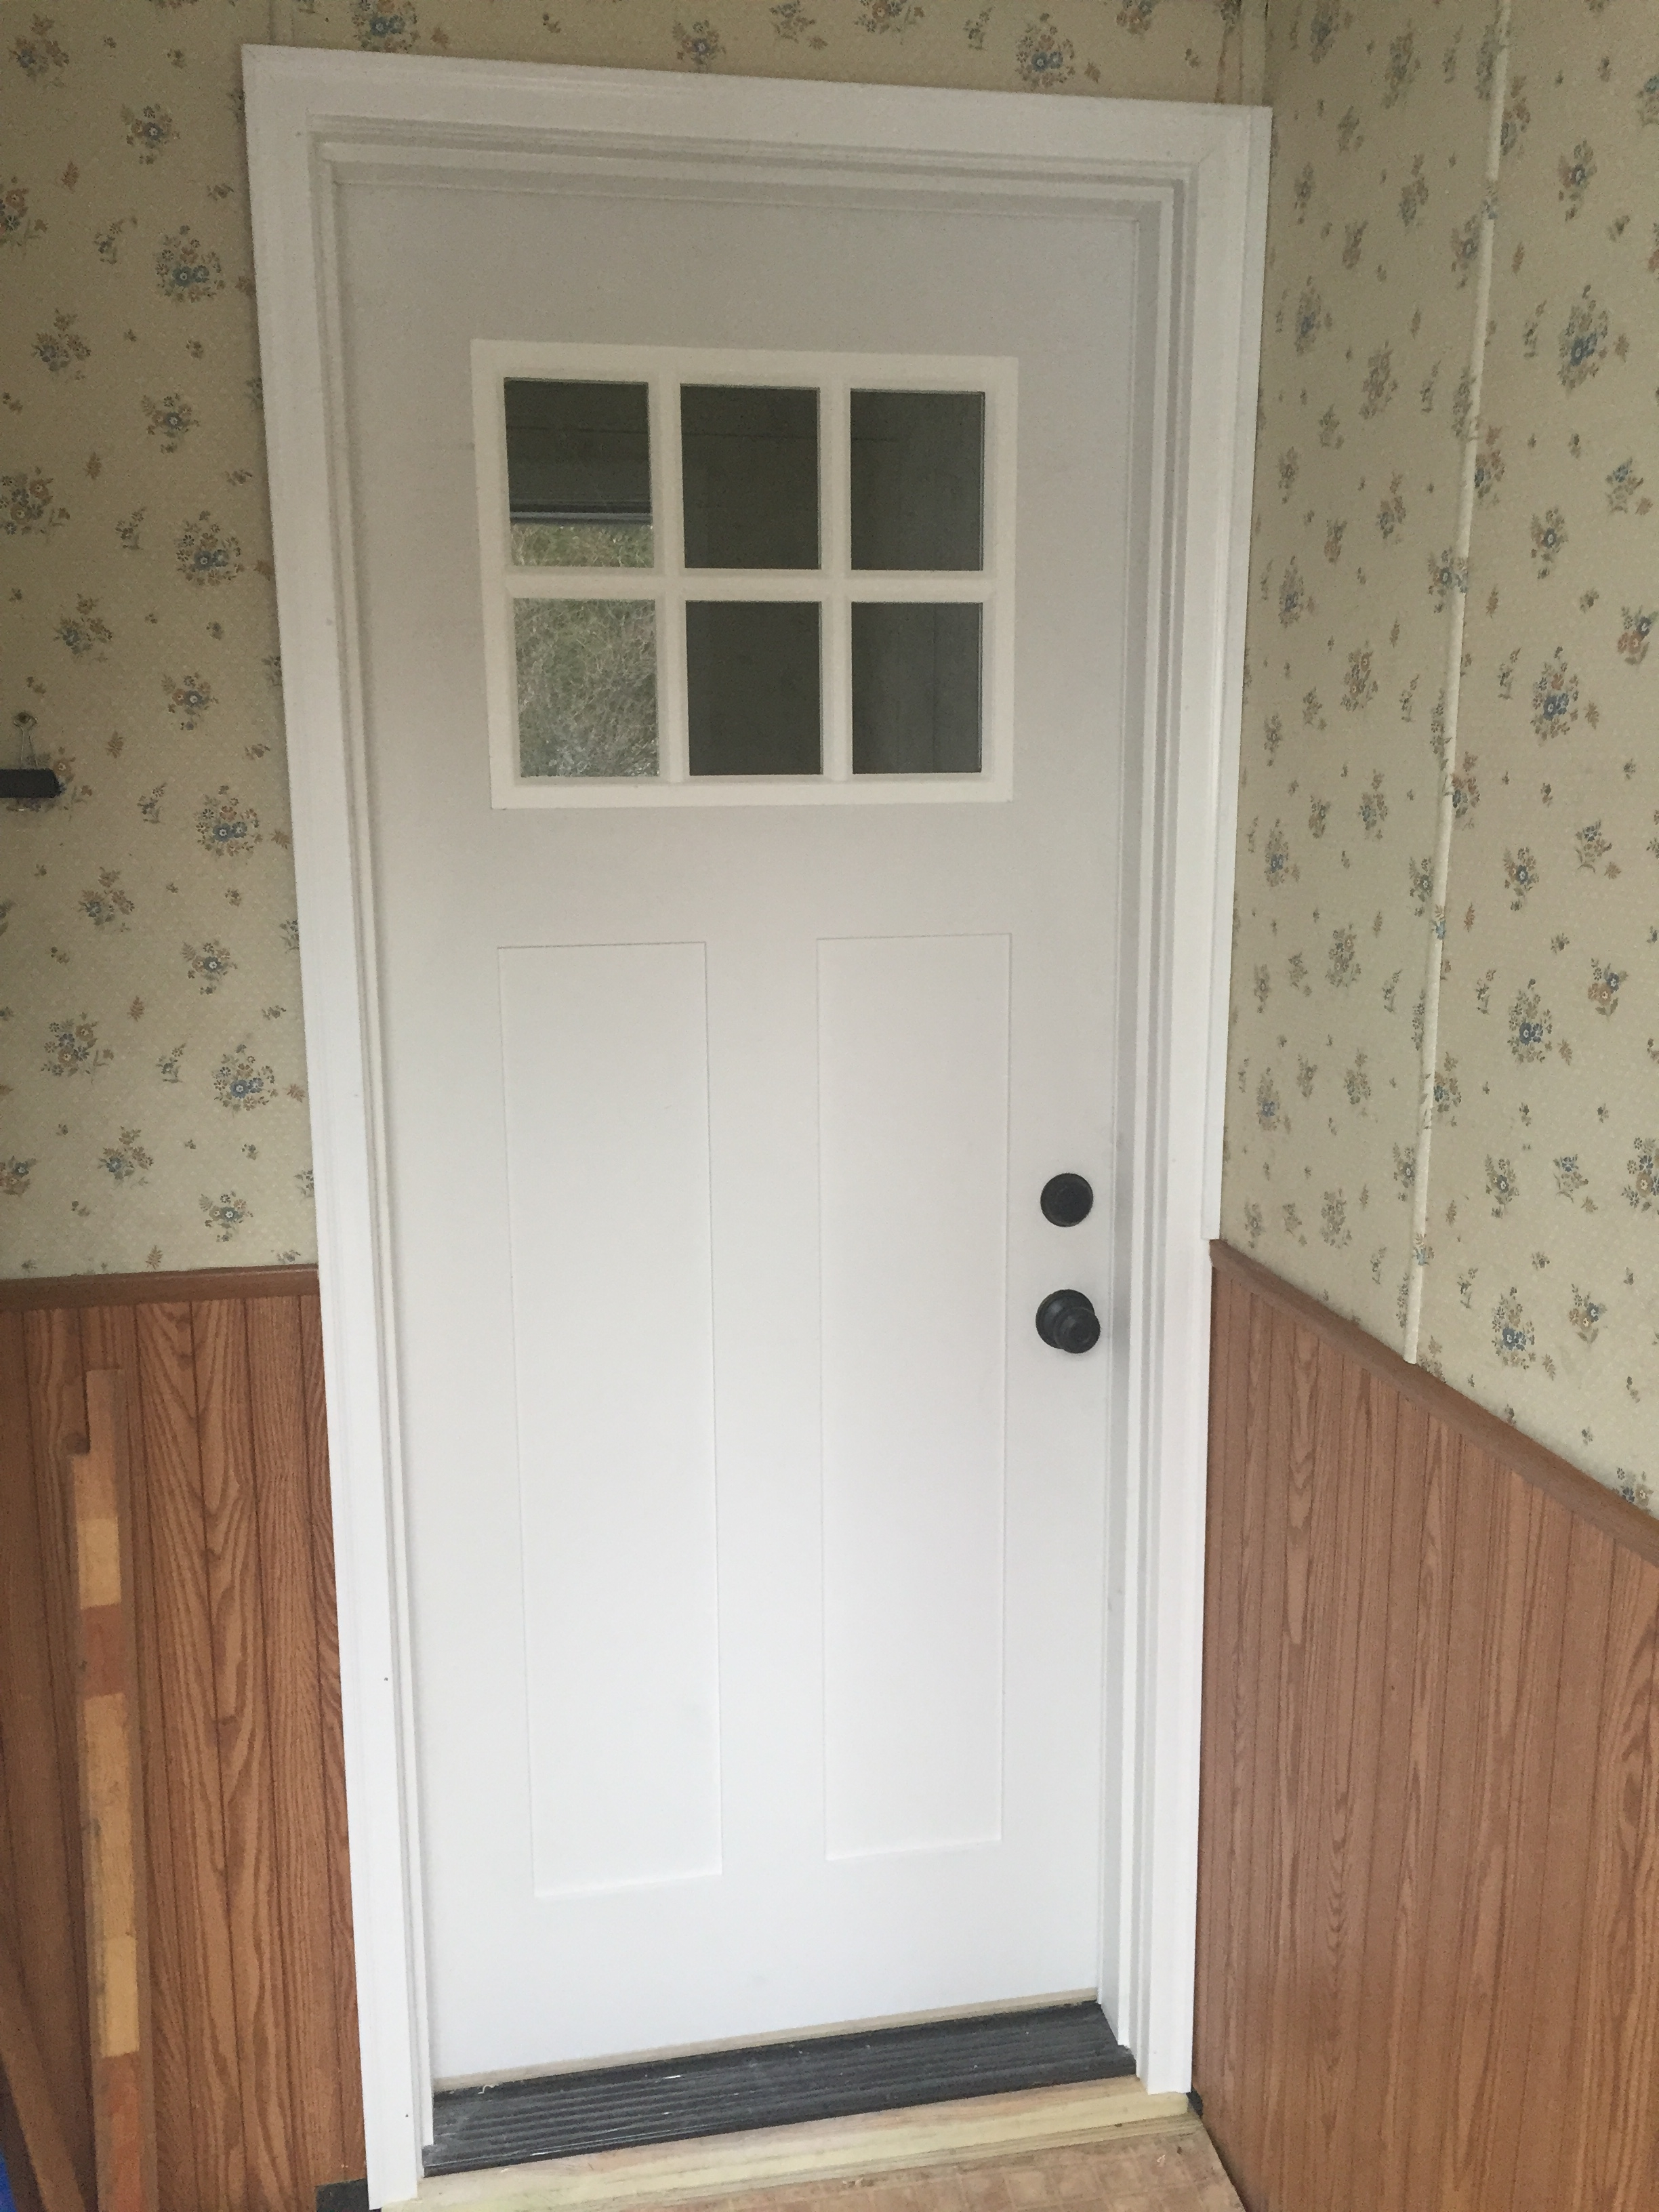 Replacement Entry Door Wisconsin Rapids